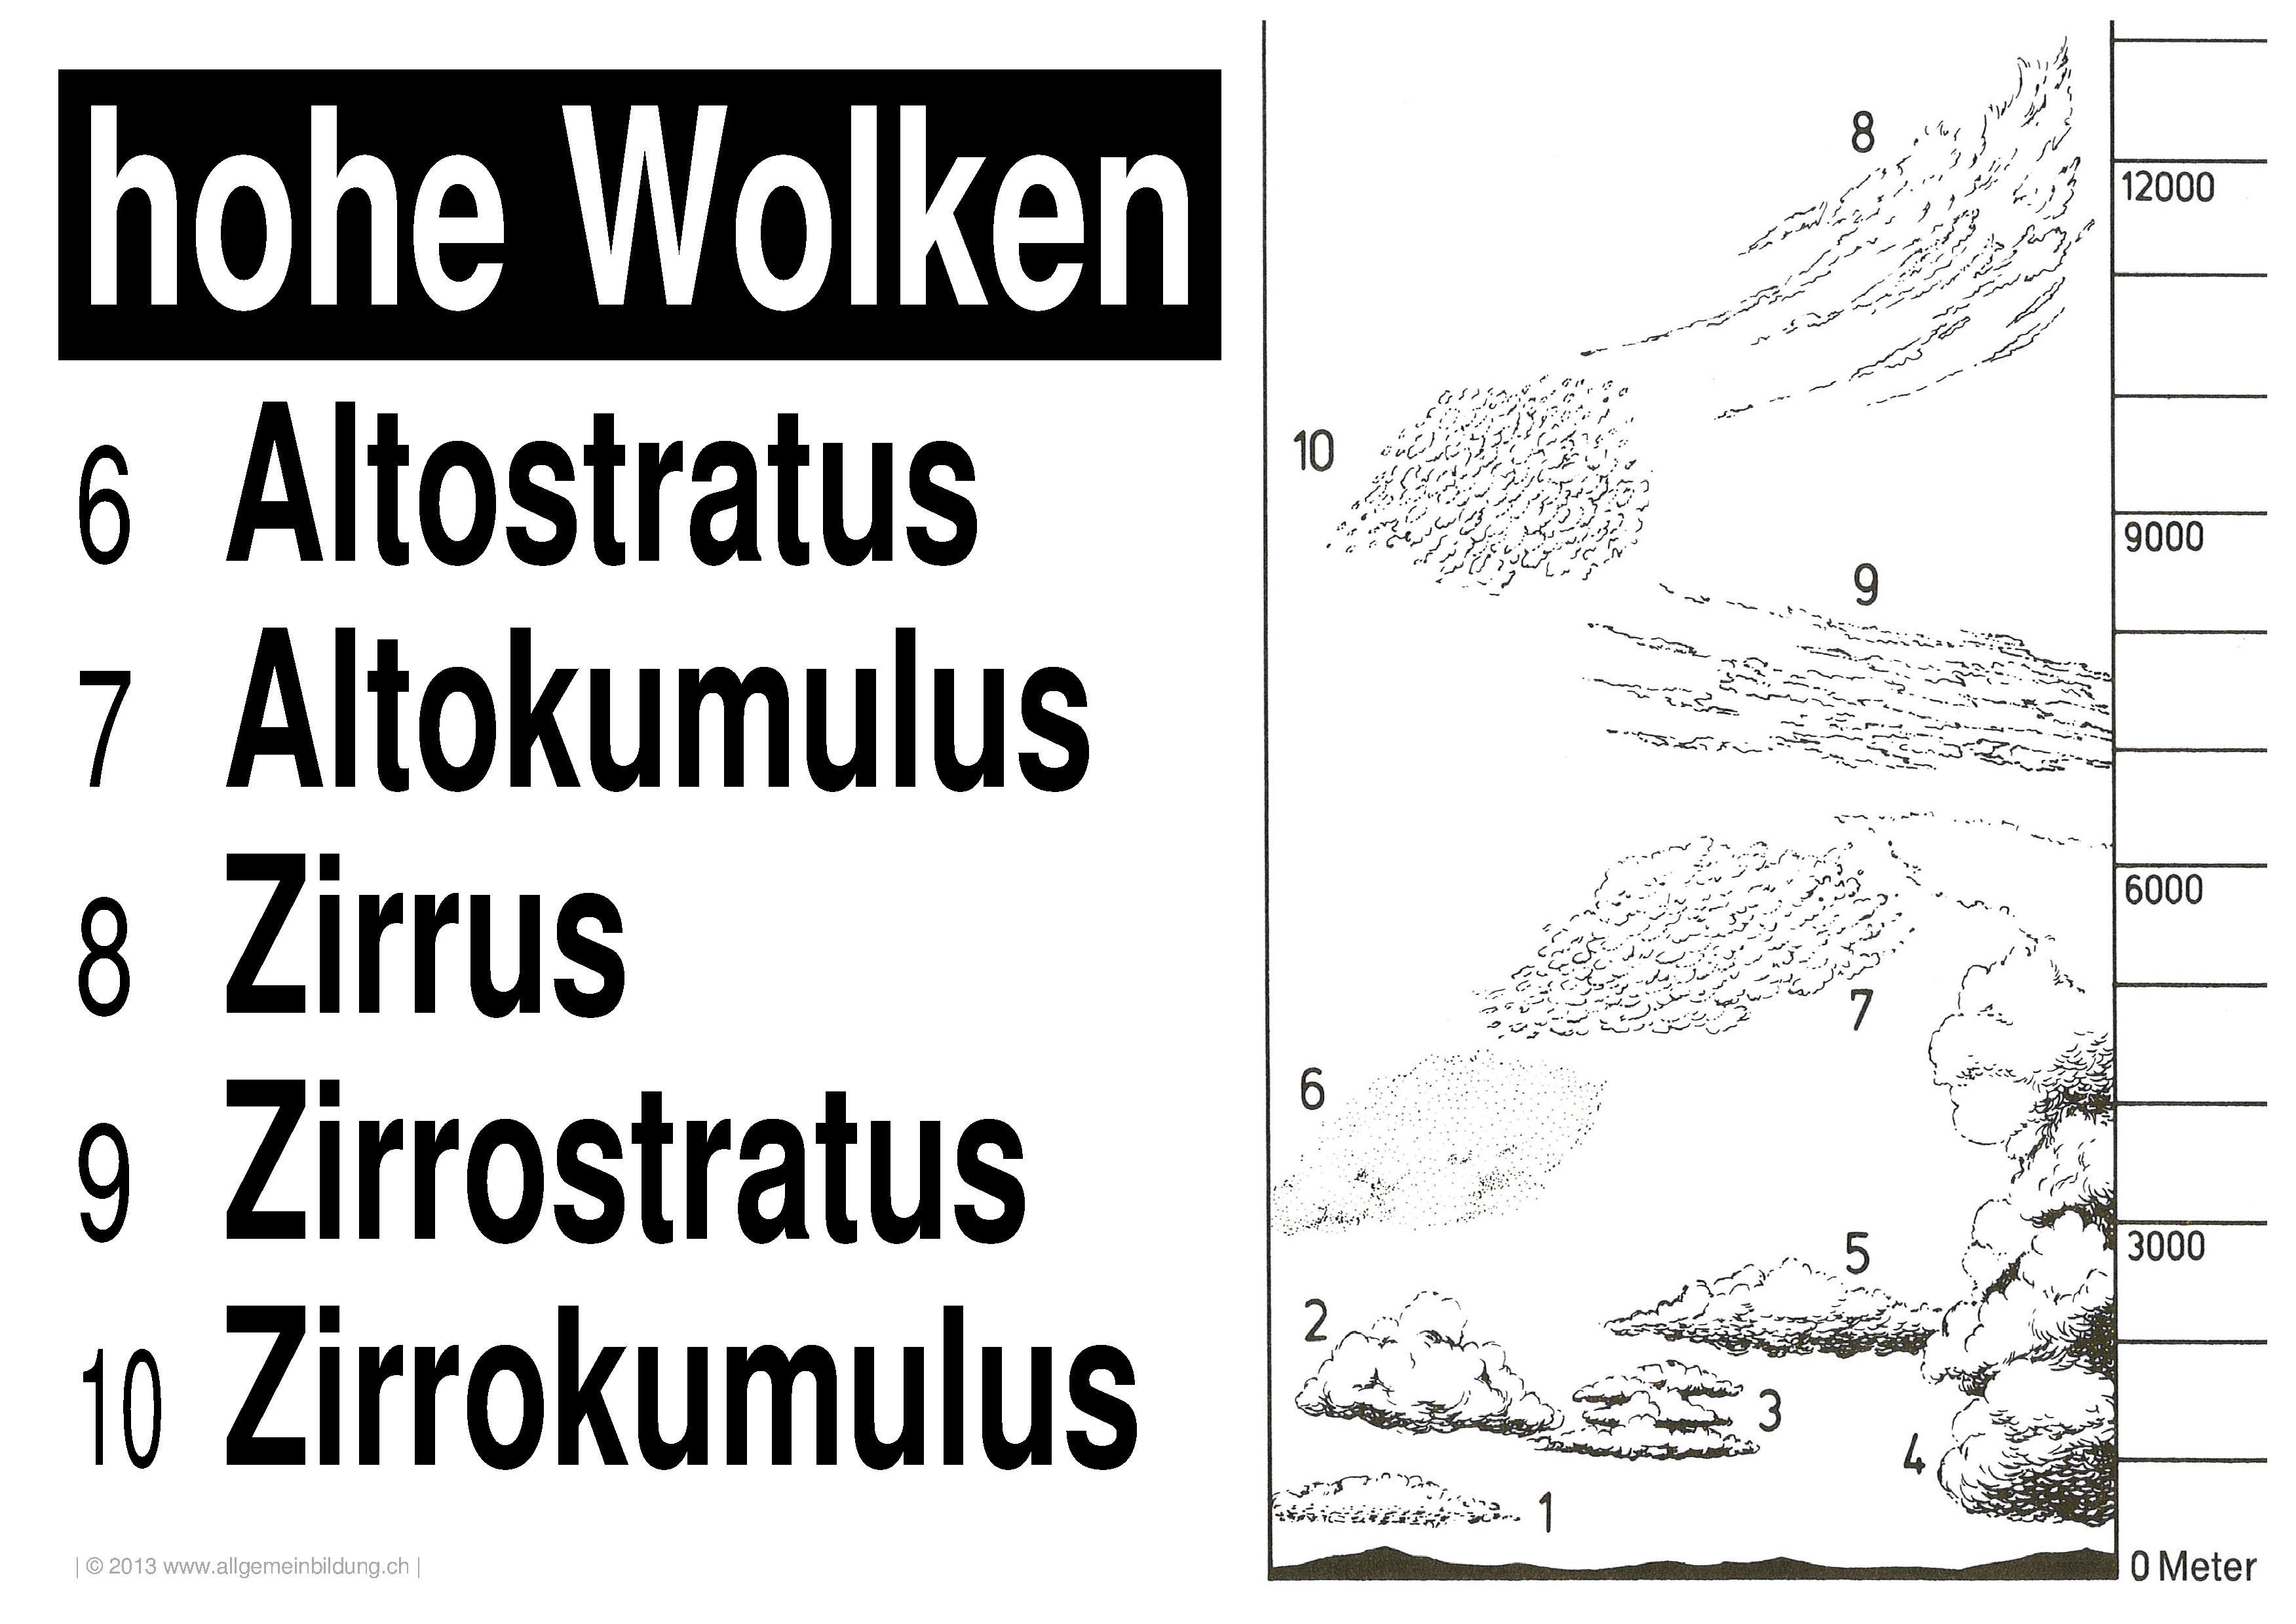 Wunderbar Arbeitsblatt Auf Wolken Galerie - Super Lehrer ...